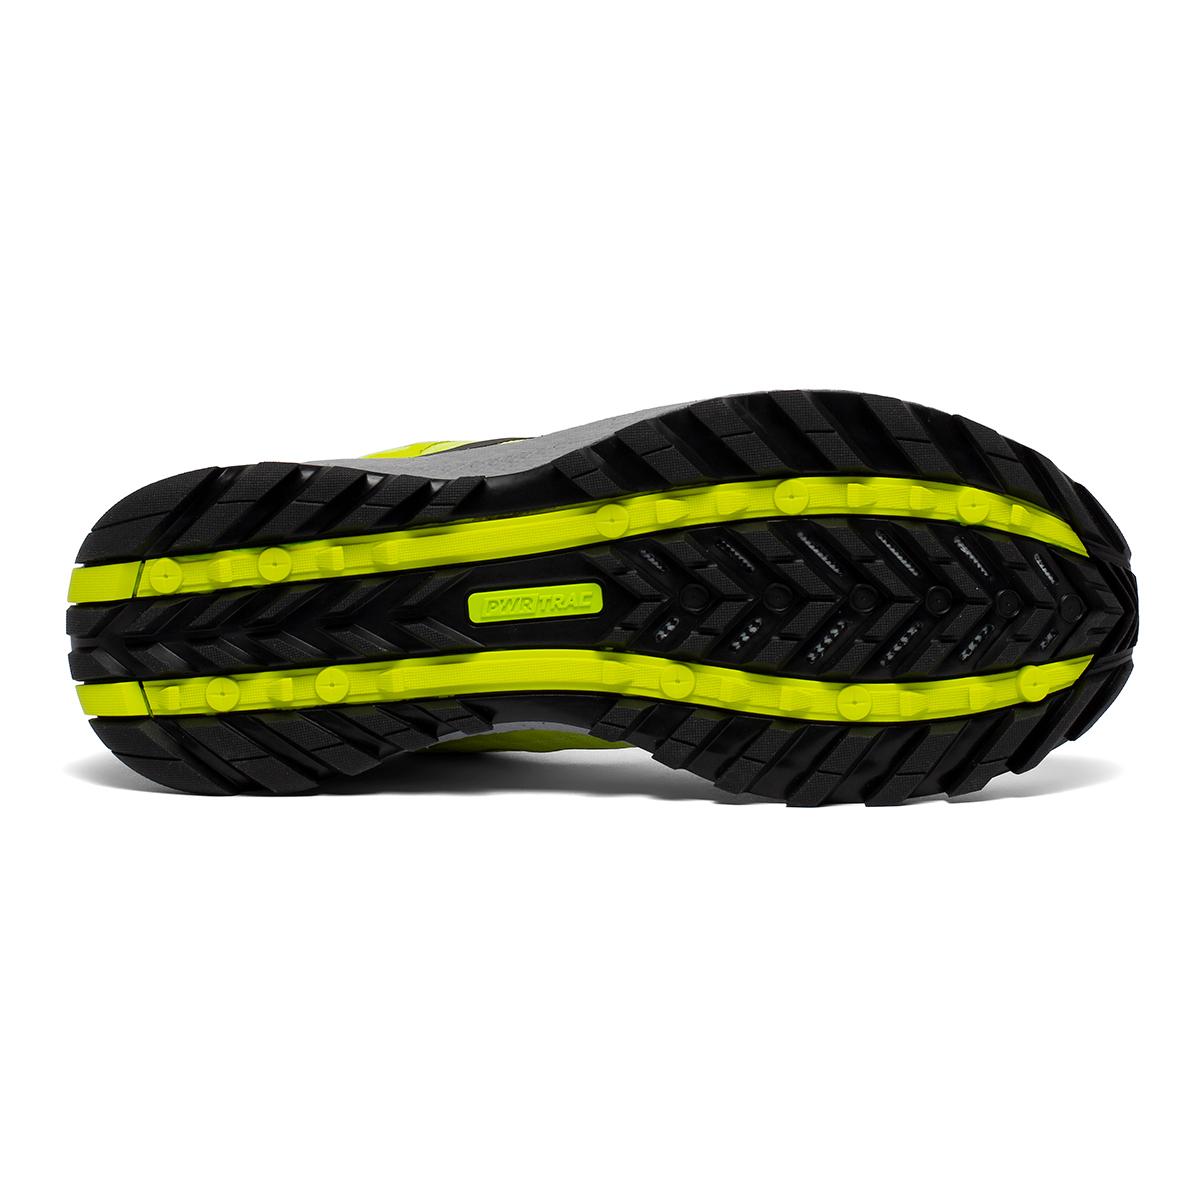 Men's Saucony Xodus 11 Trail Running Shoe - Color: Citrus/Alloy - Size: 7.5 - Width: Regular, Citrus/Alloy, large, image 4